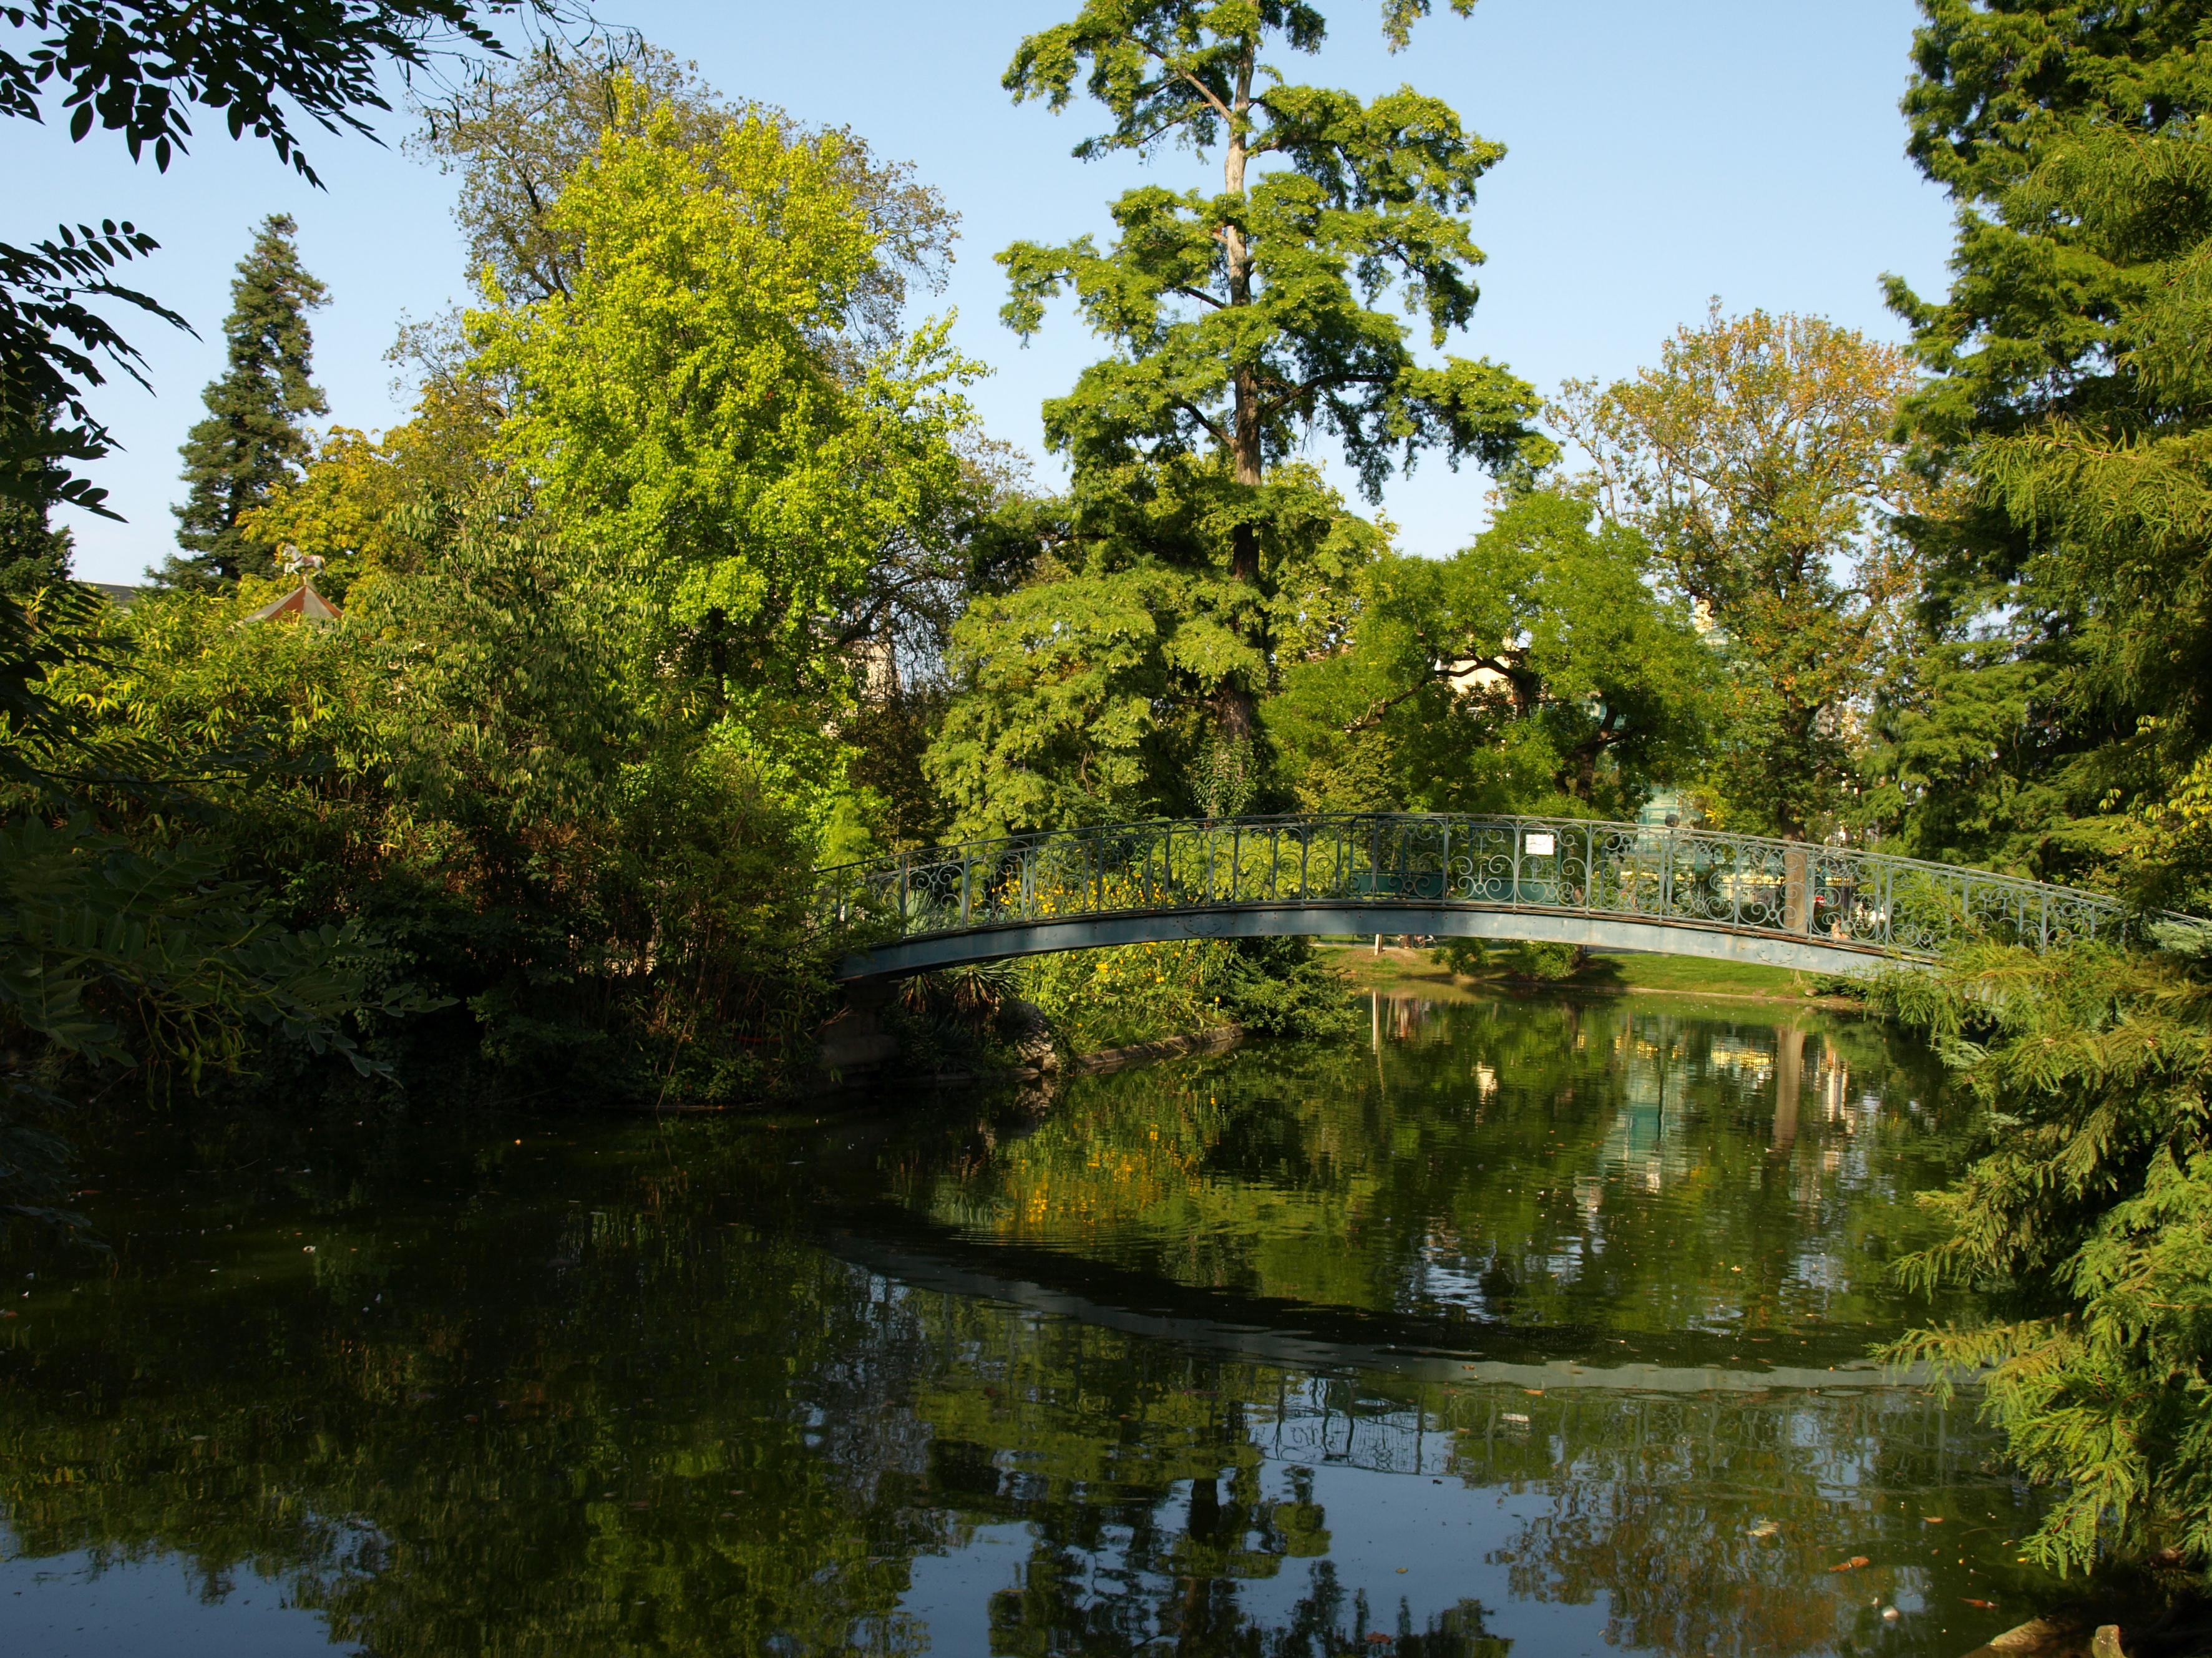 File:Bordeaux Jardin Public Vue n°6.jpg - Wikimedia Commons